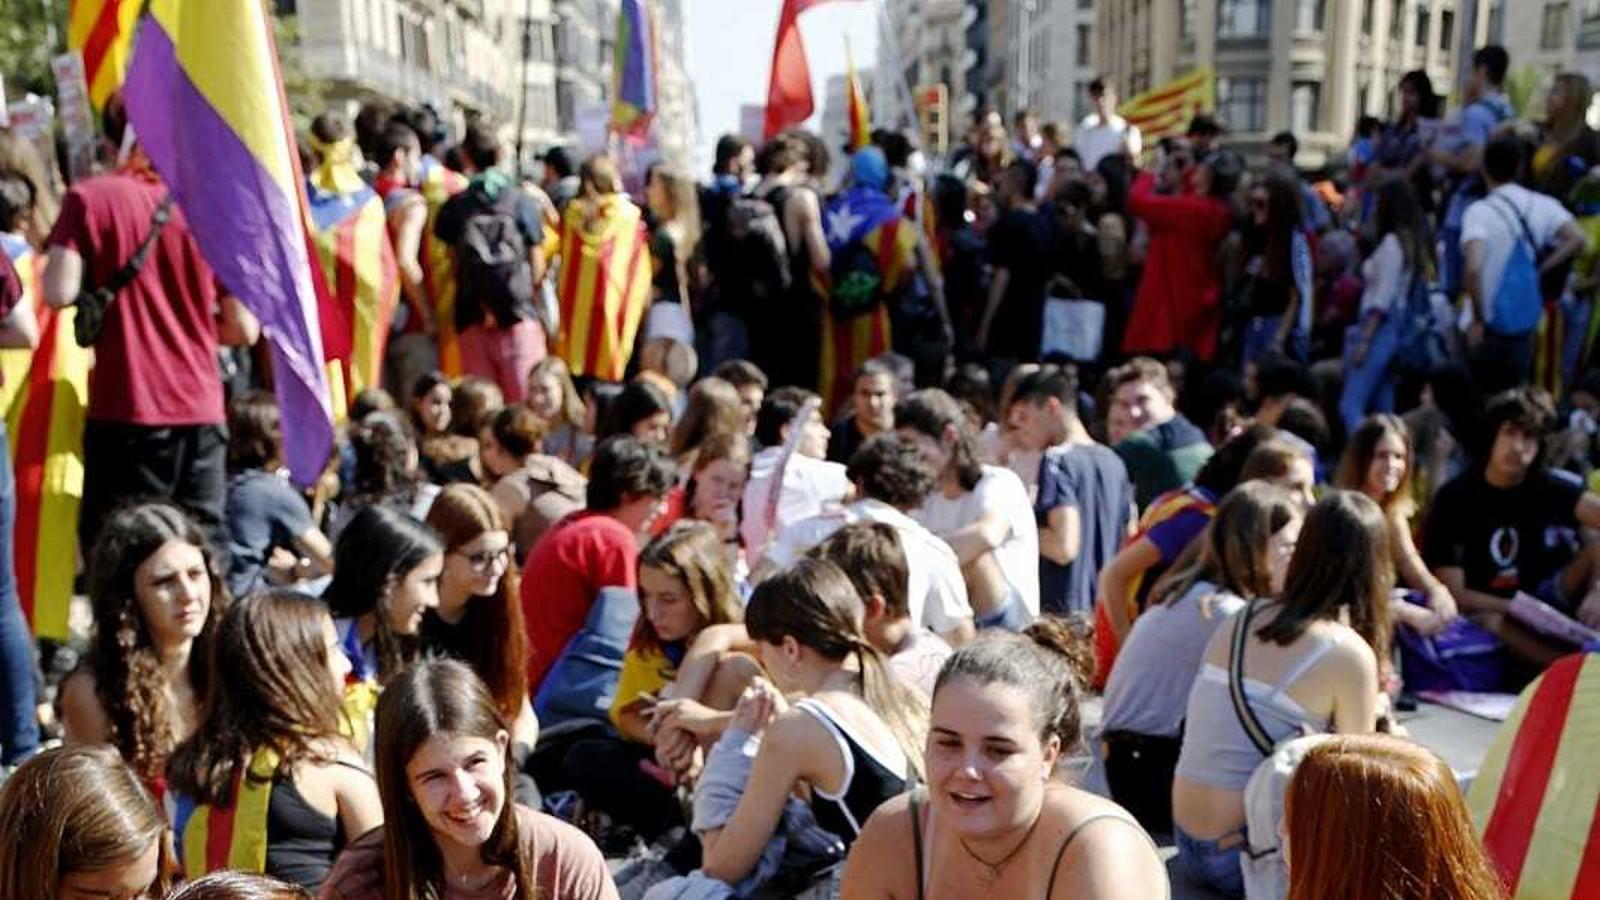 Una manifestant amb una estelada fa un petó a una altra amb una bandera espanyola a la concentració de la plaça Universitat